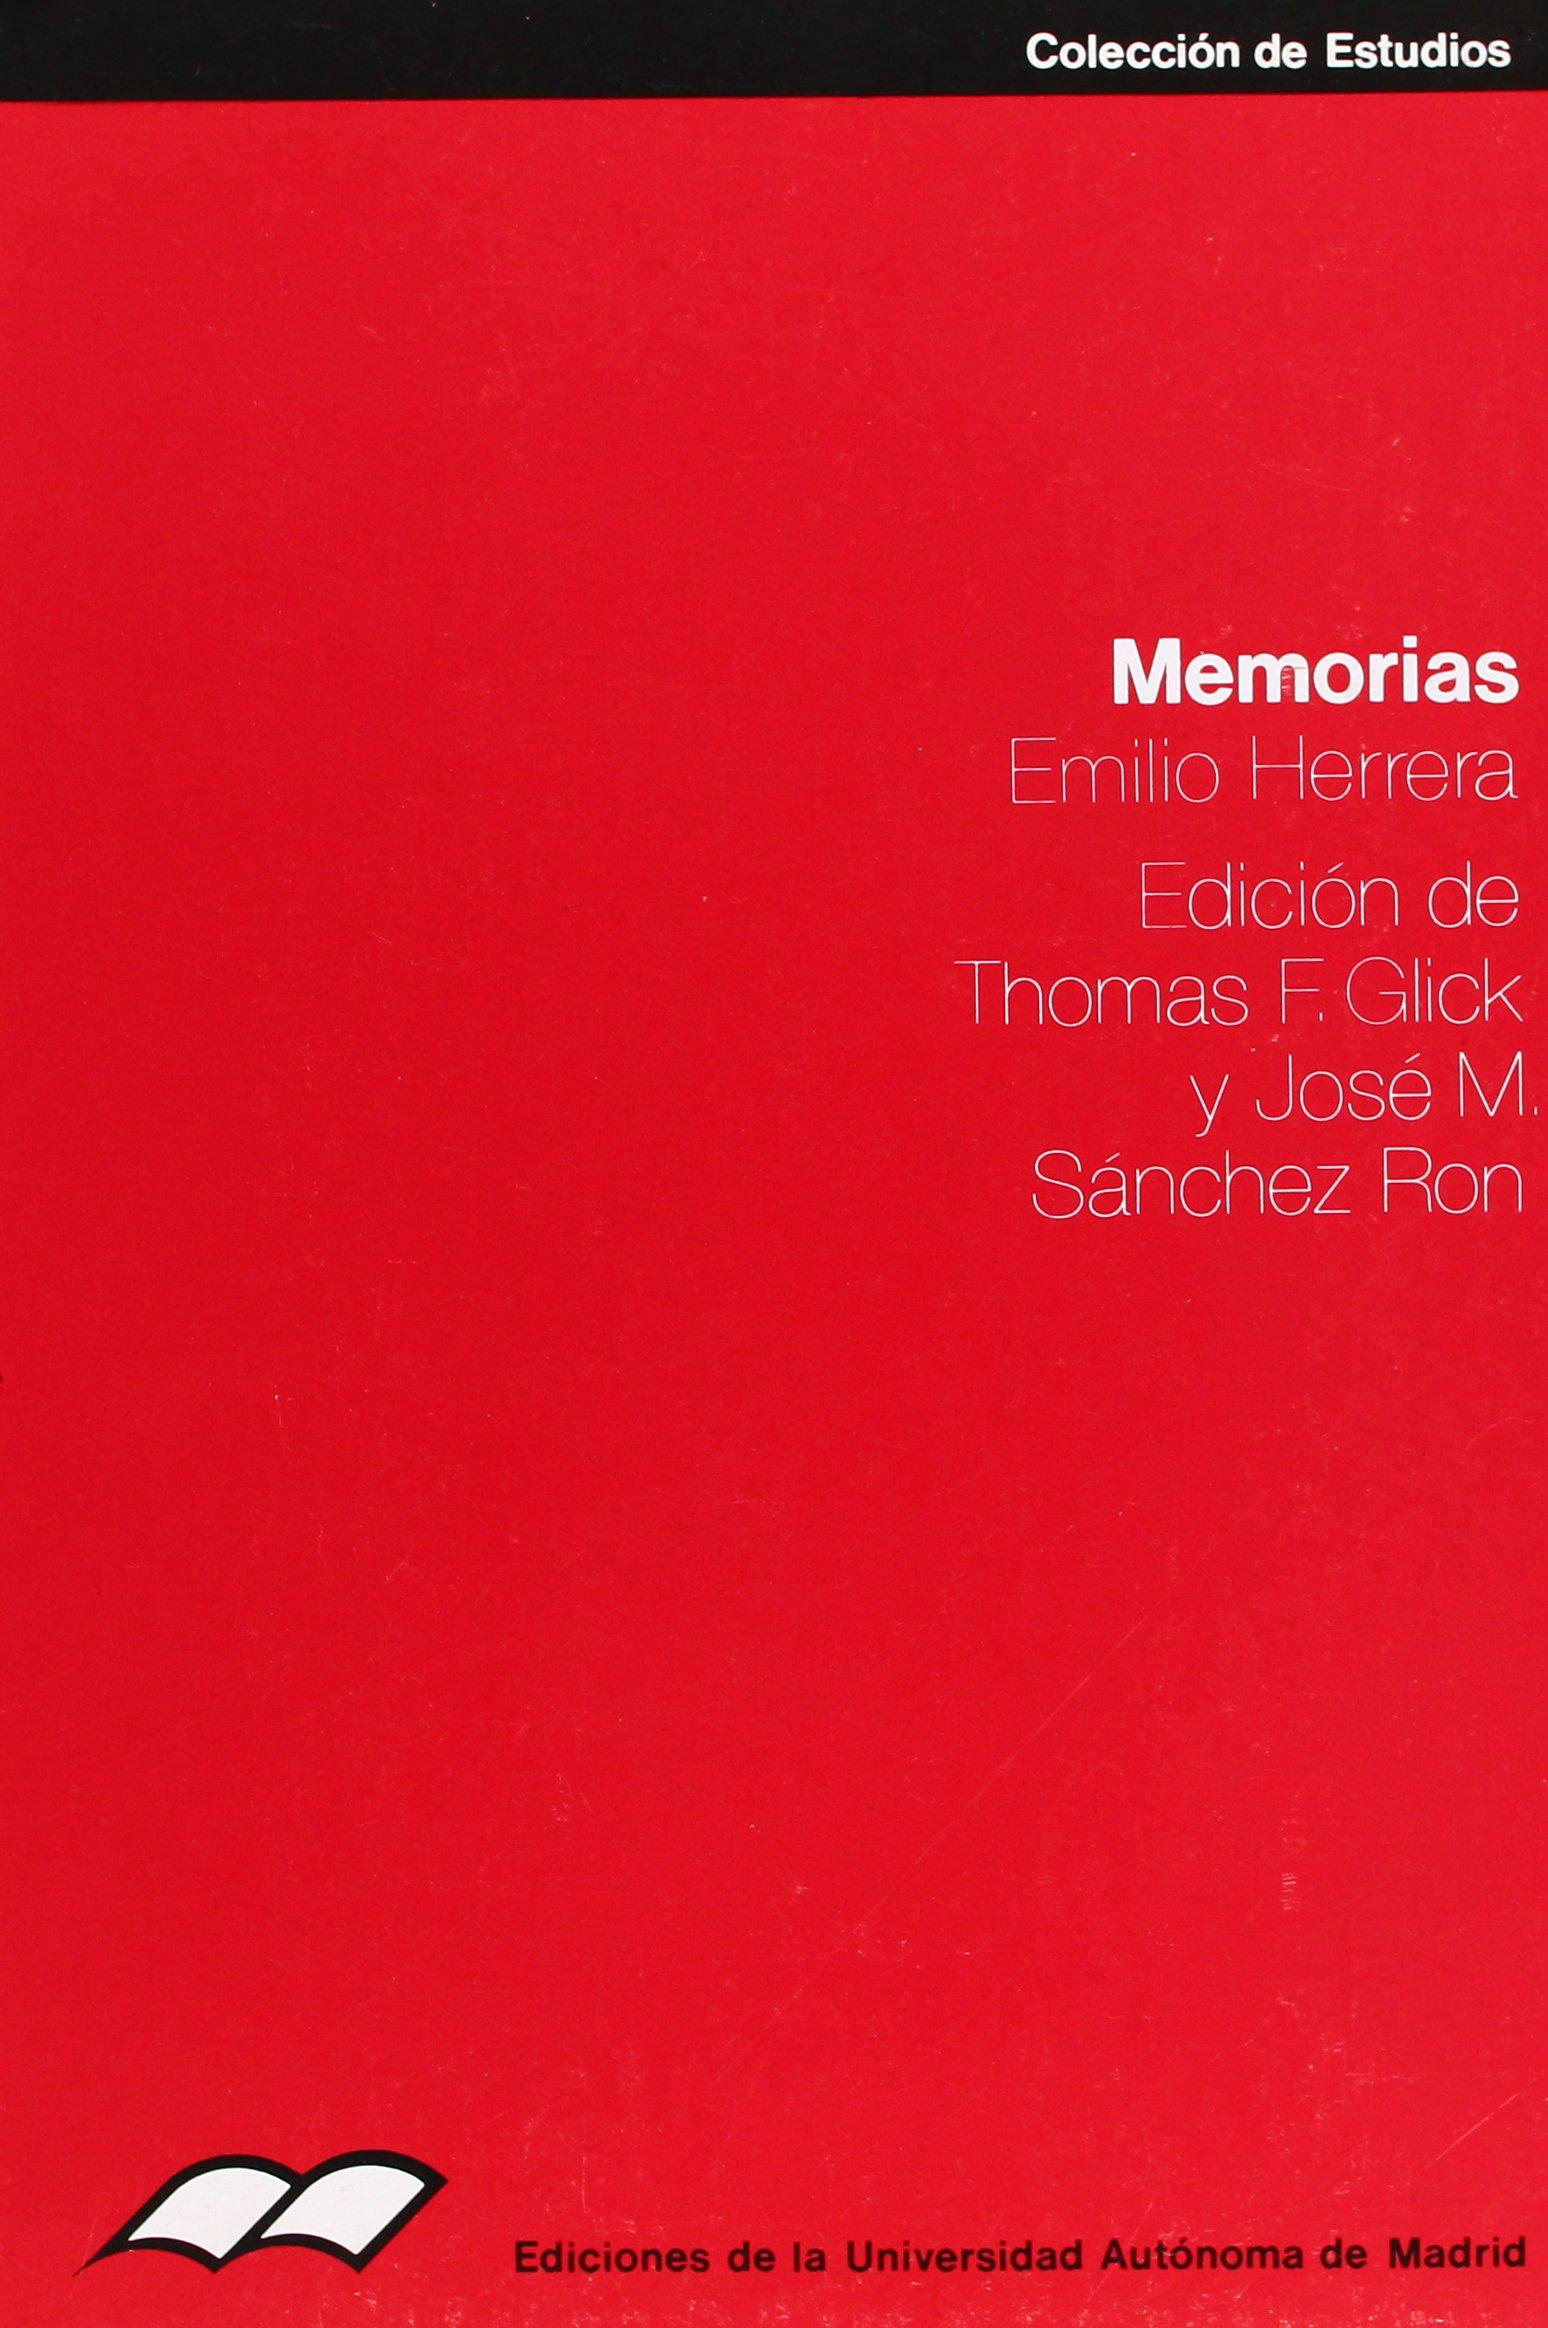 Memorias: Edición de Thomas F.Glick y José M. Sánchez Ron: 16 ...